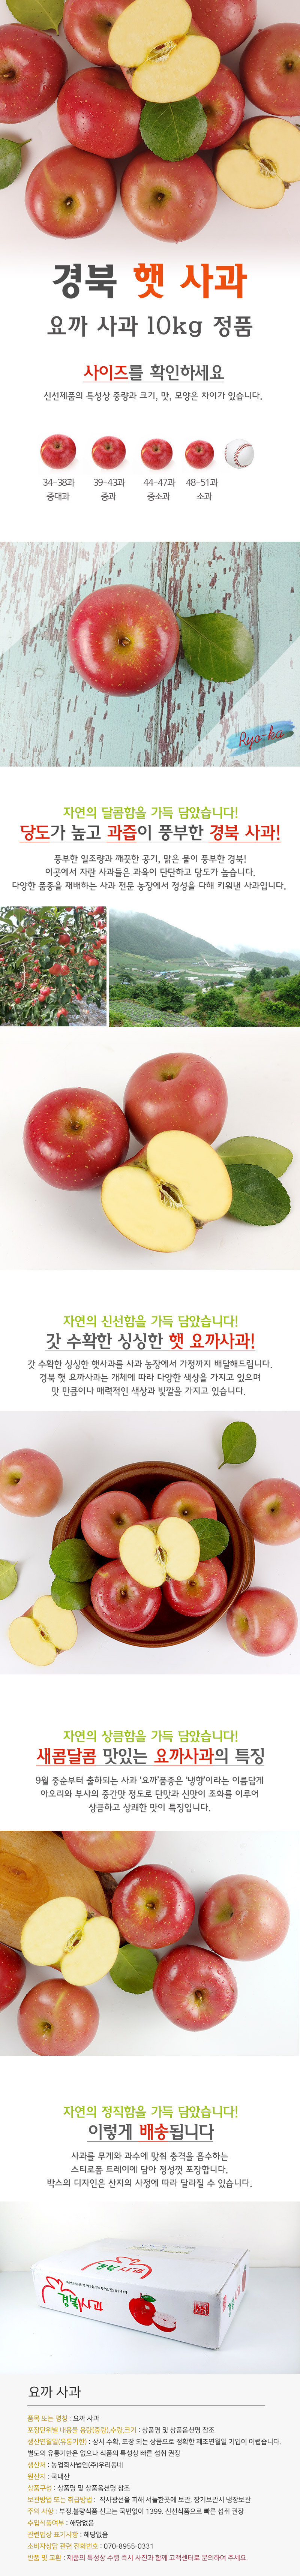 apple_ryo_10kg.jpg